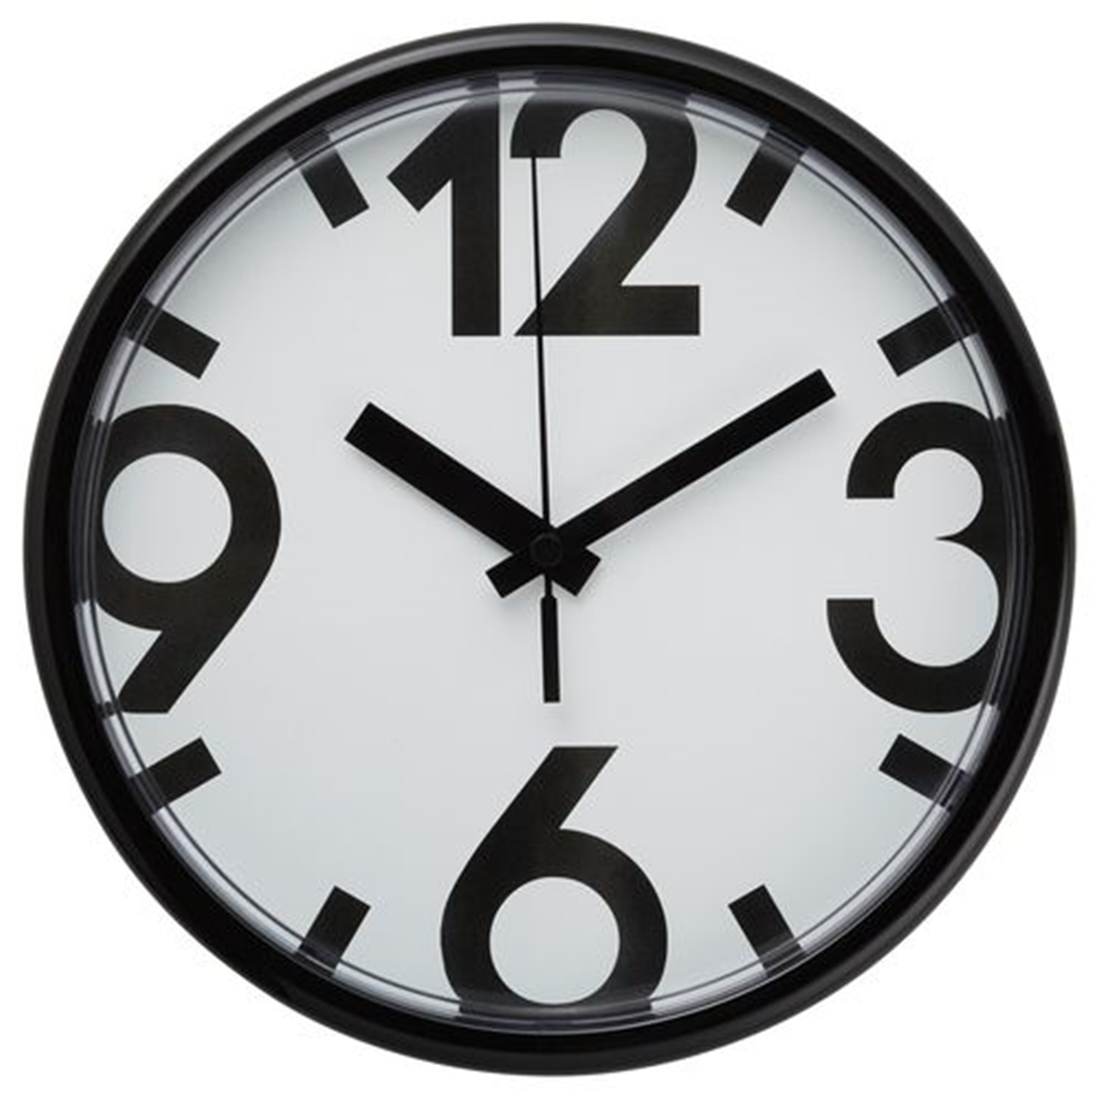 Настенные часы, белый, черный, 23 см ЮККЕ [802.984.69] 802.984.69